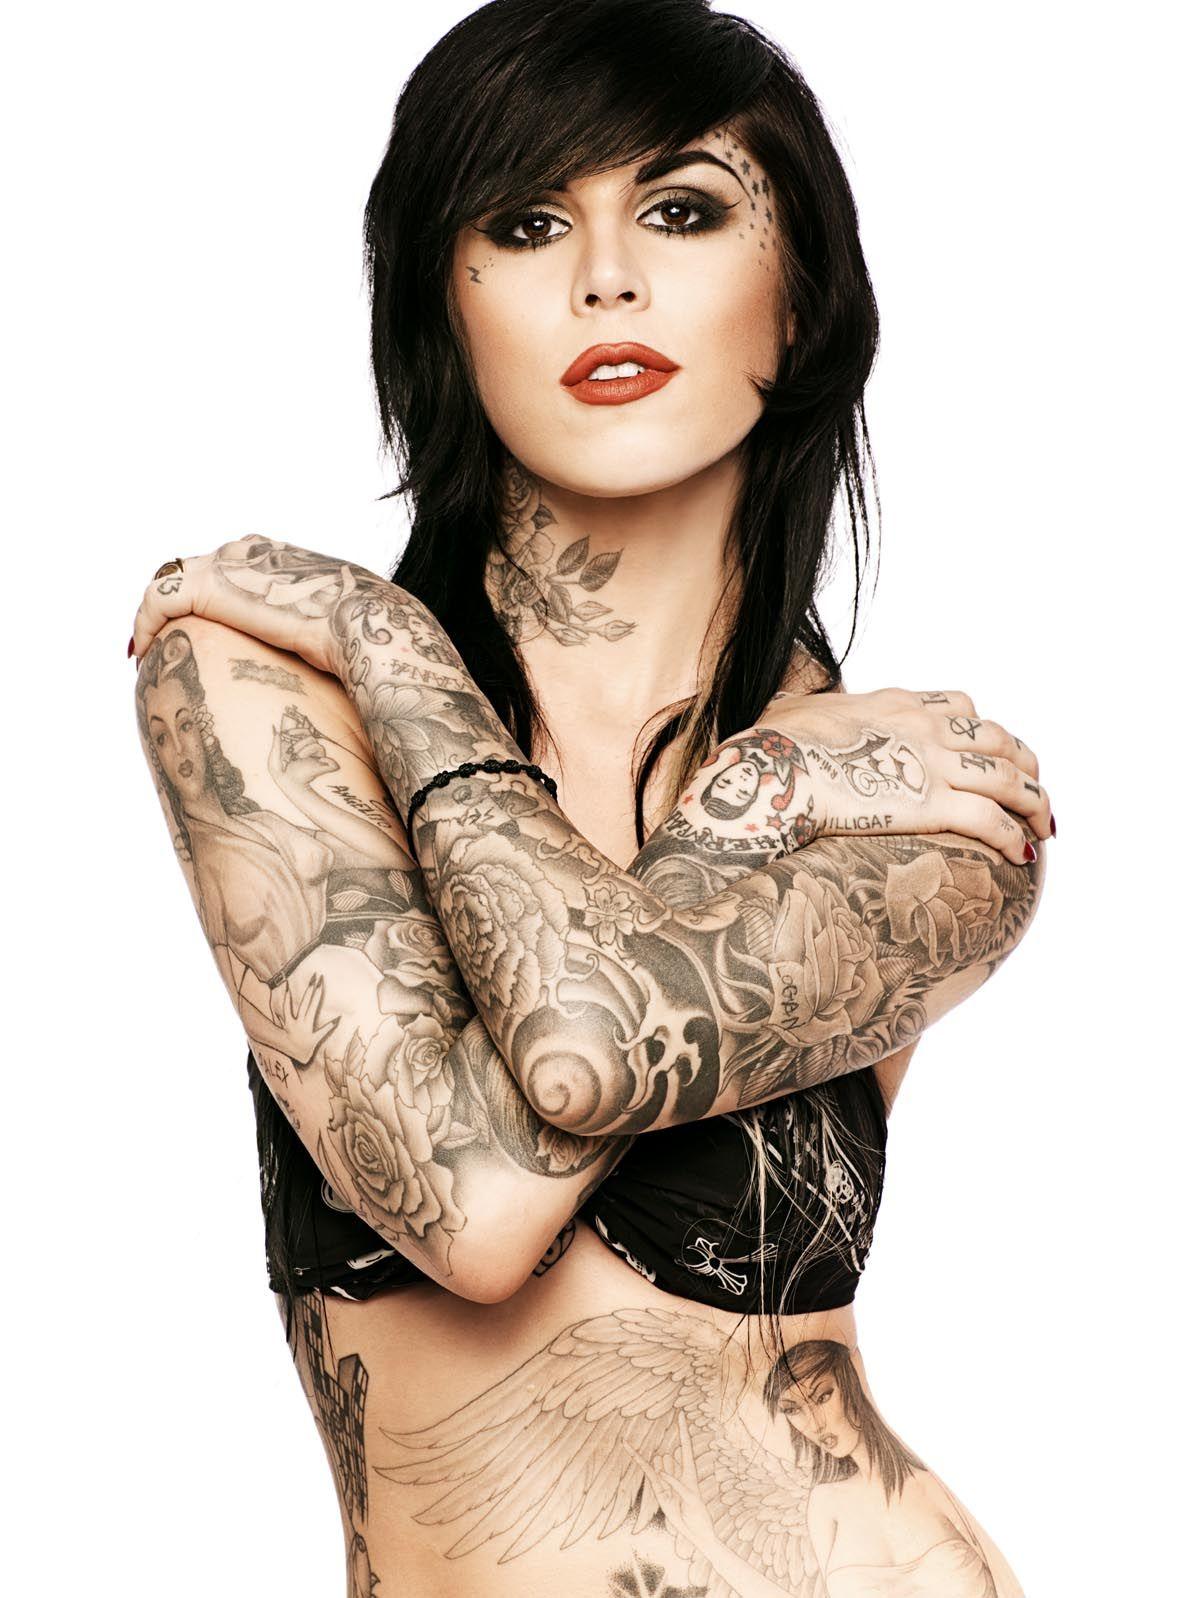 Tattoo Girl Von - Kat von d tattoos